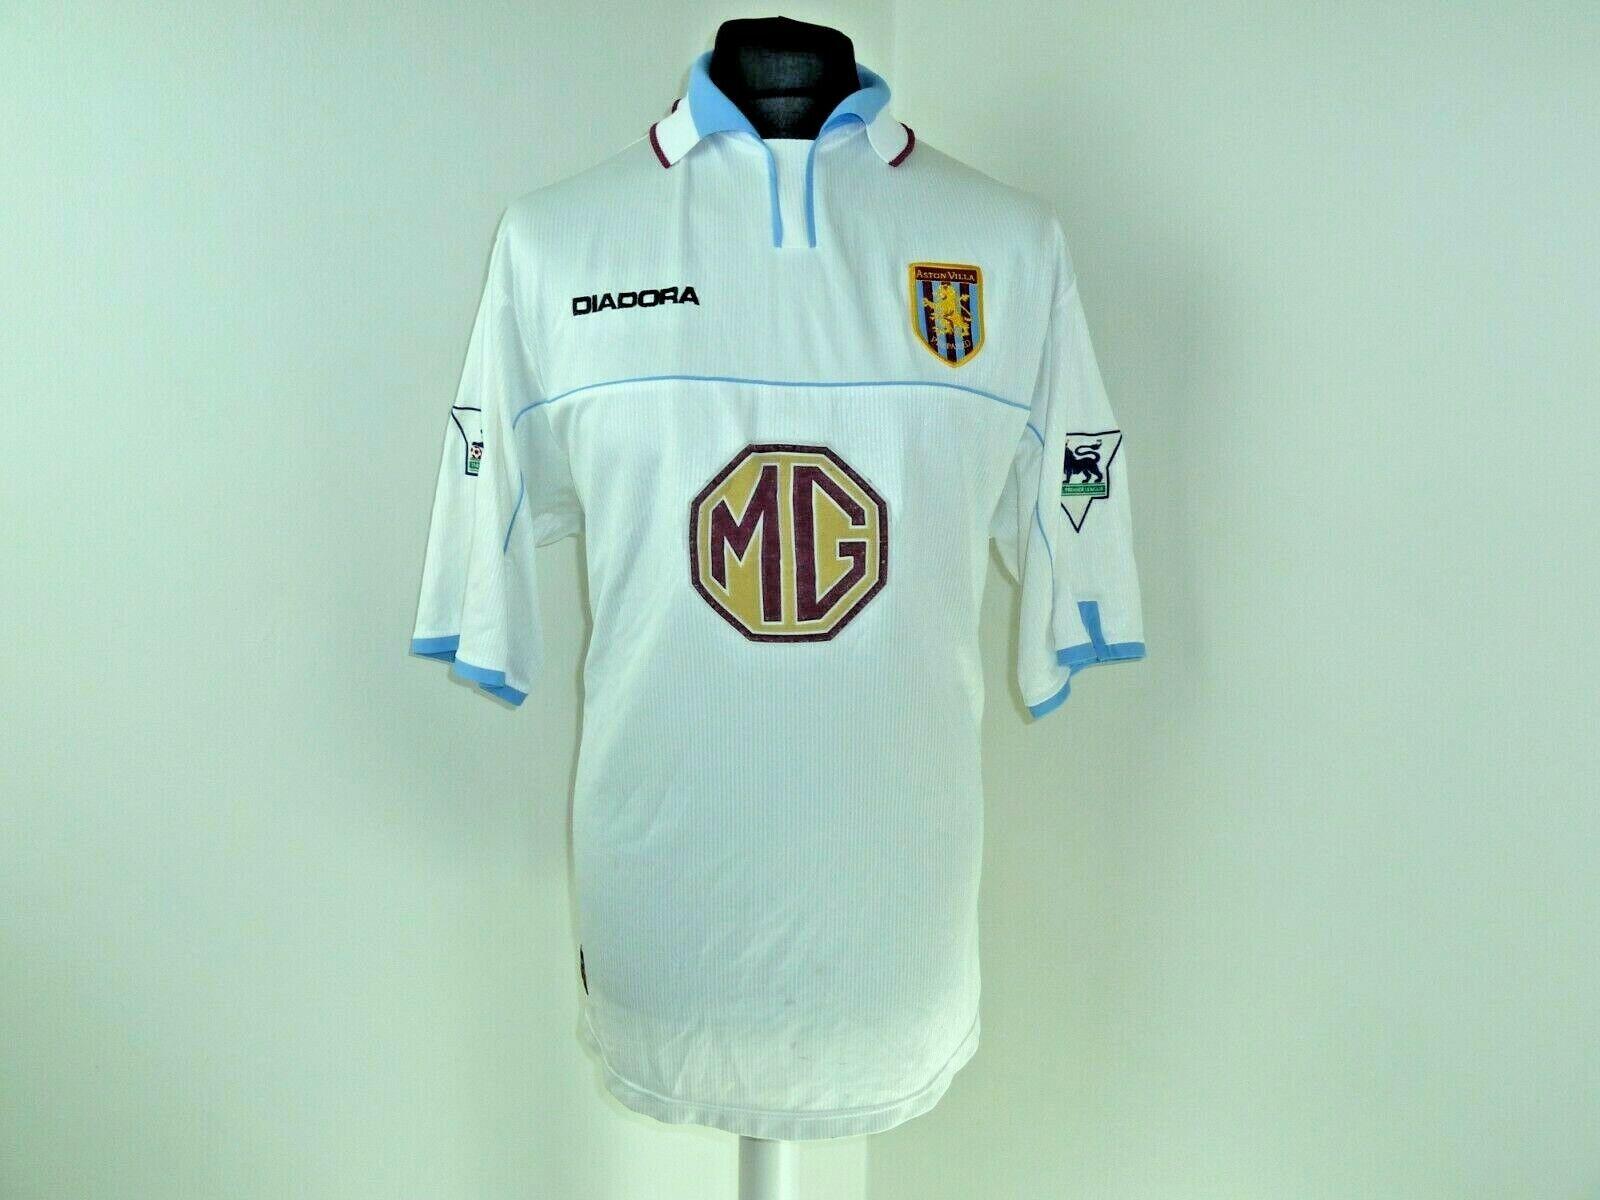 Aston Villa Trasferta Calcio Camicia 2002  2003 117122cm Premier League Patch